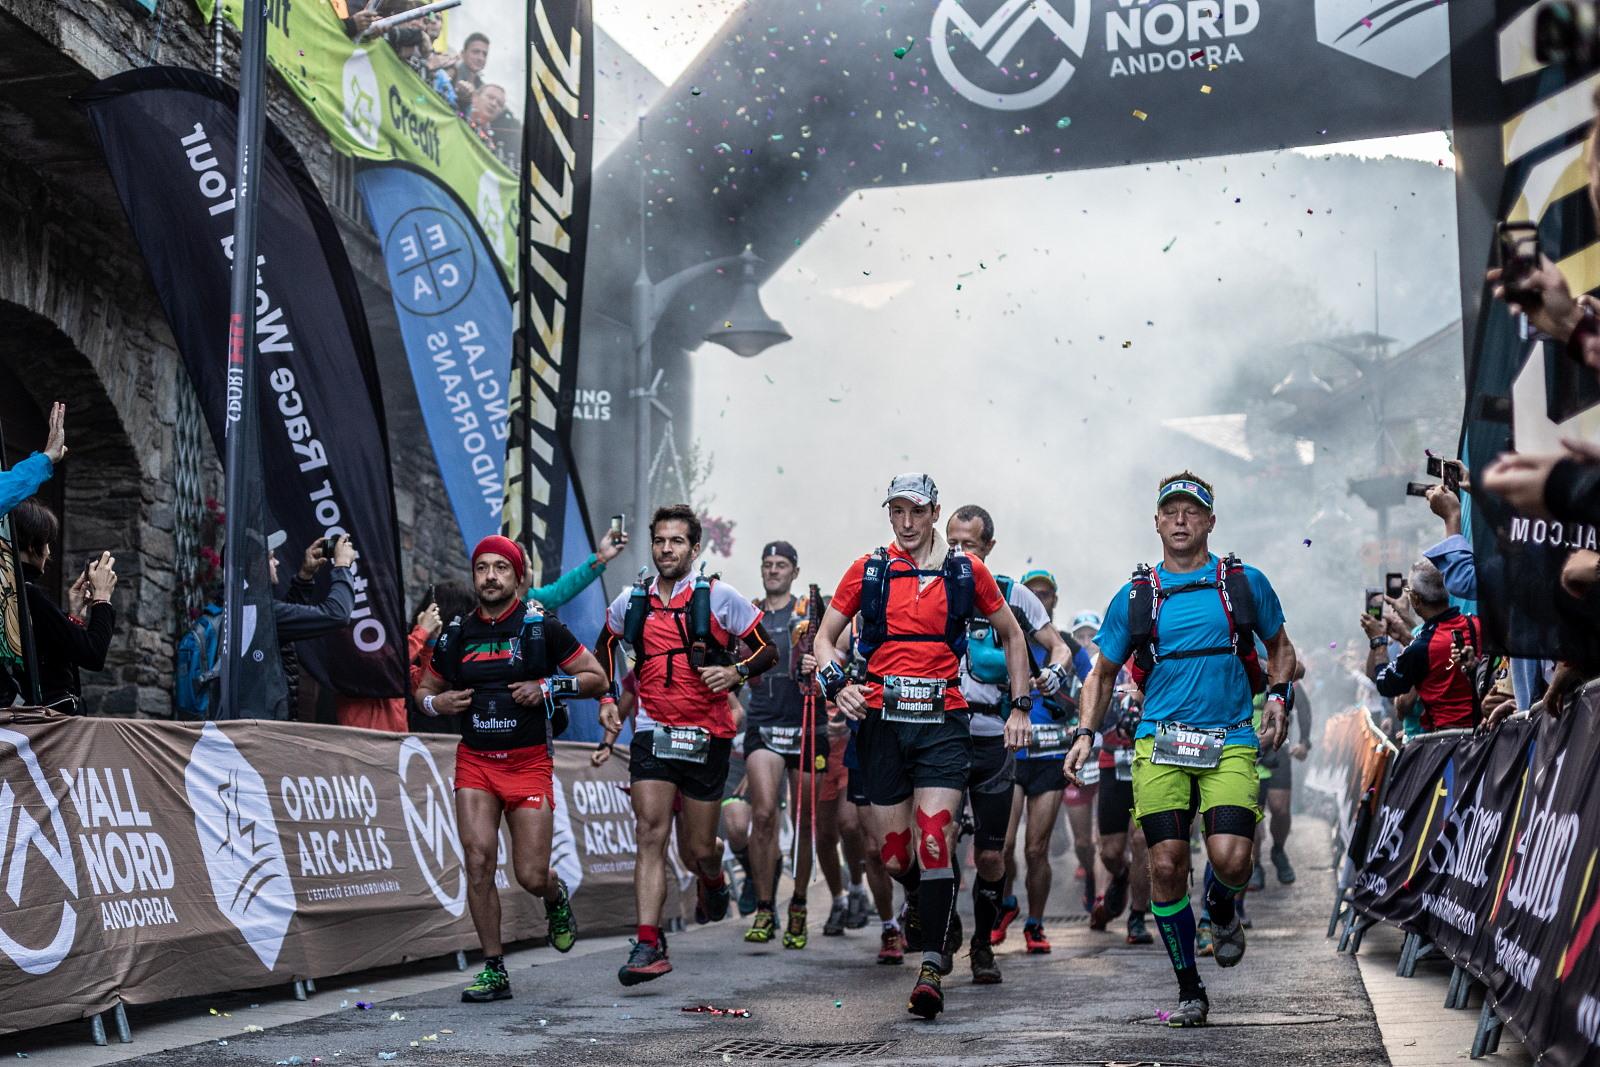 Hoy Se Inicia El Andorra Ultra Trail Vallnord Un Acontecimiento Cada Vez Más Internacional